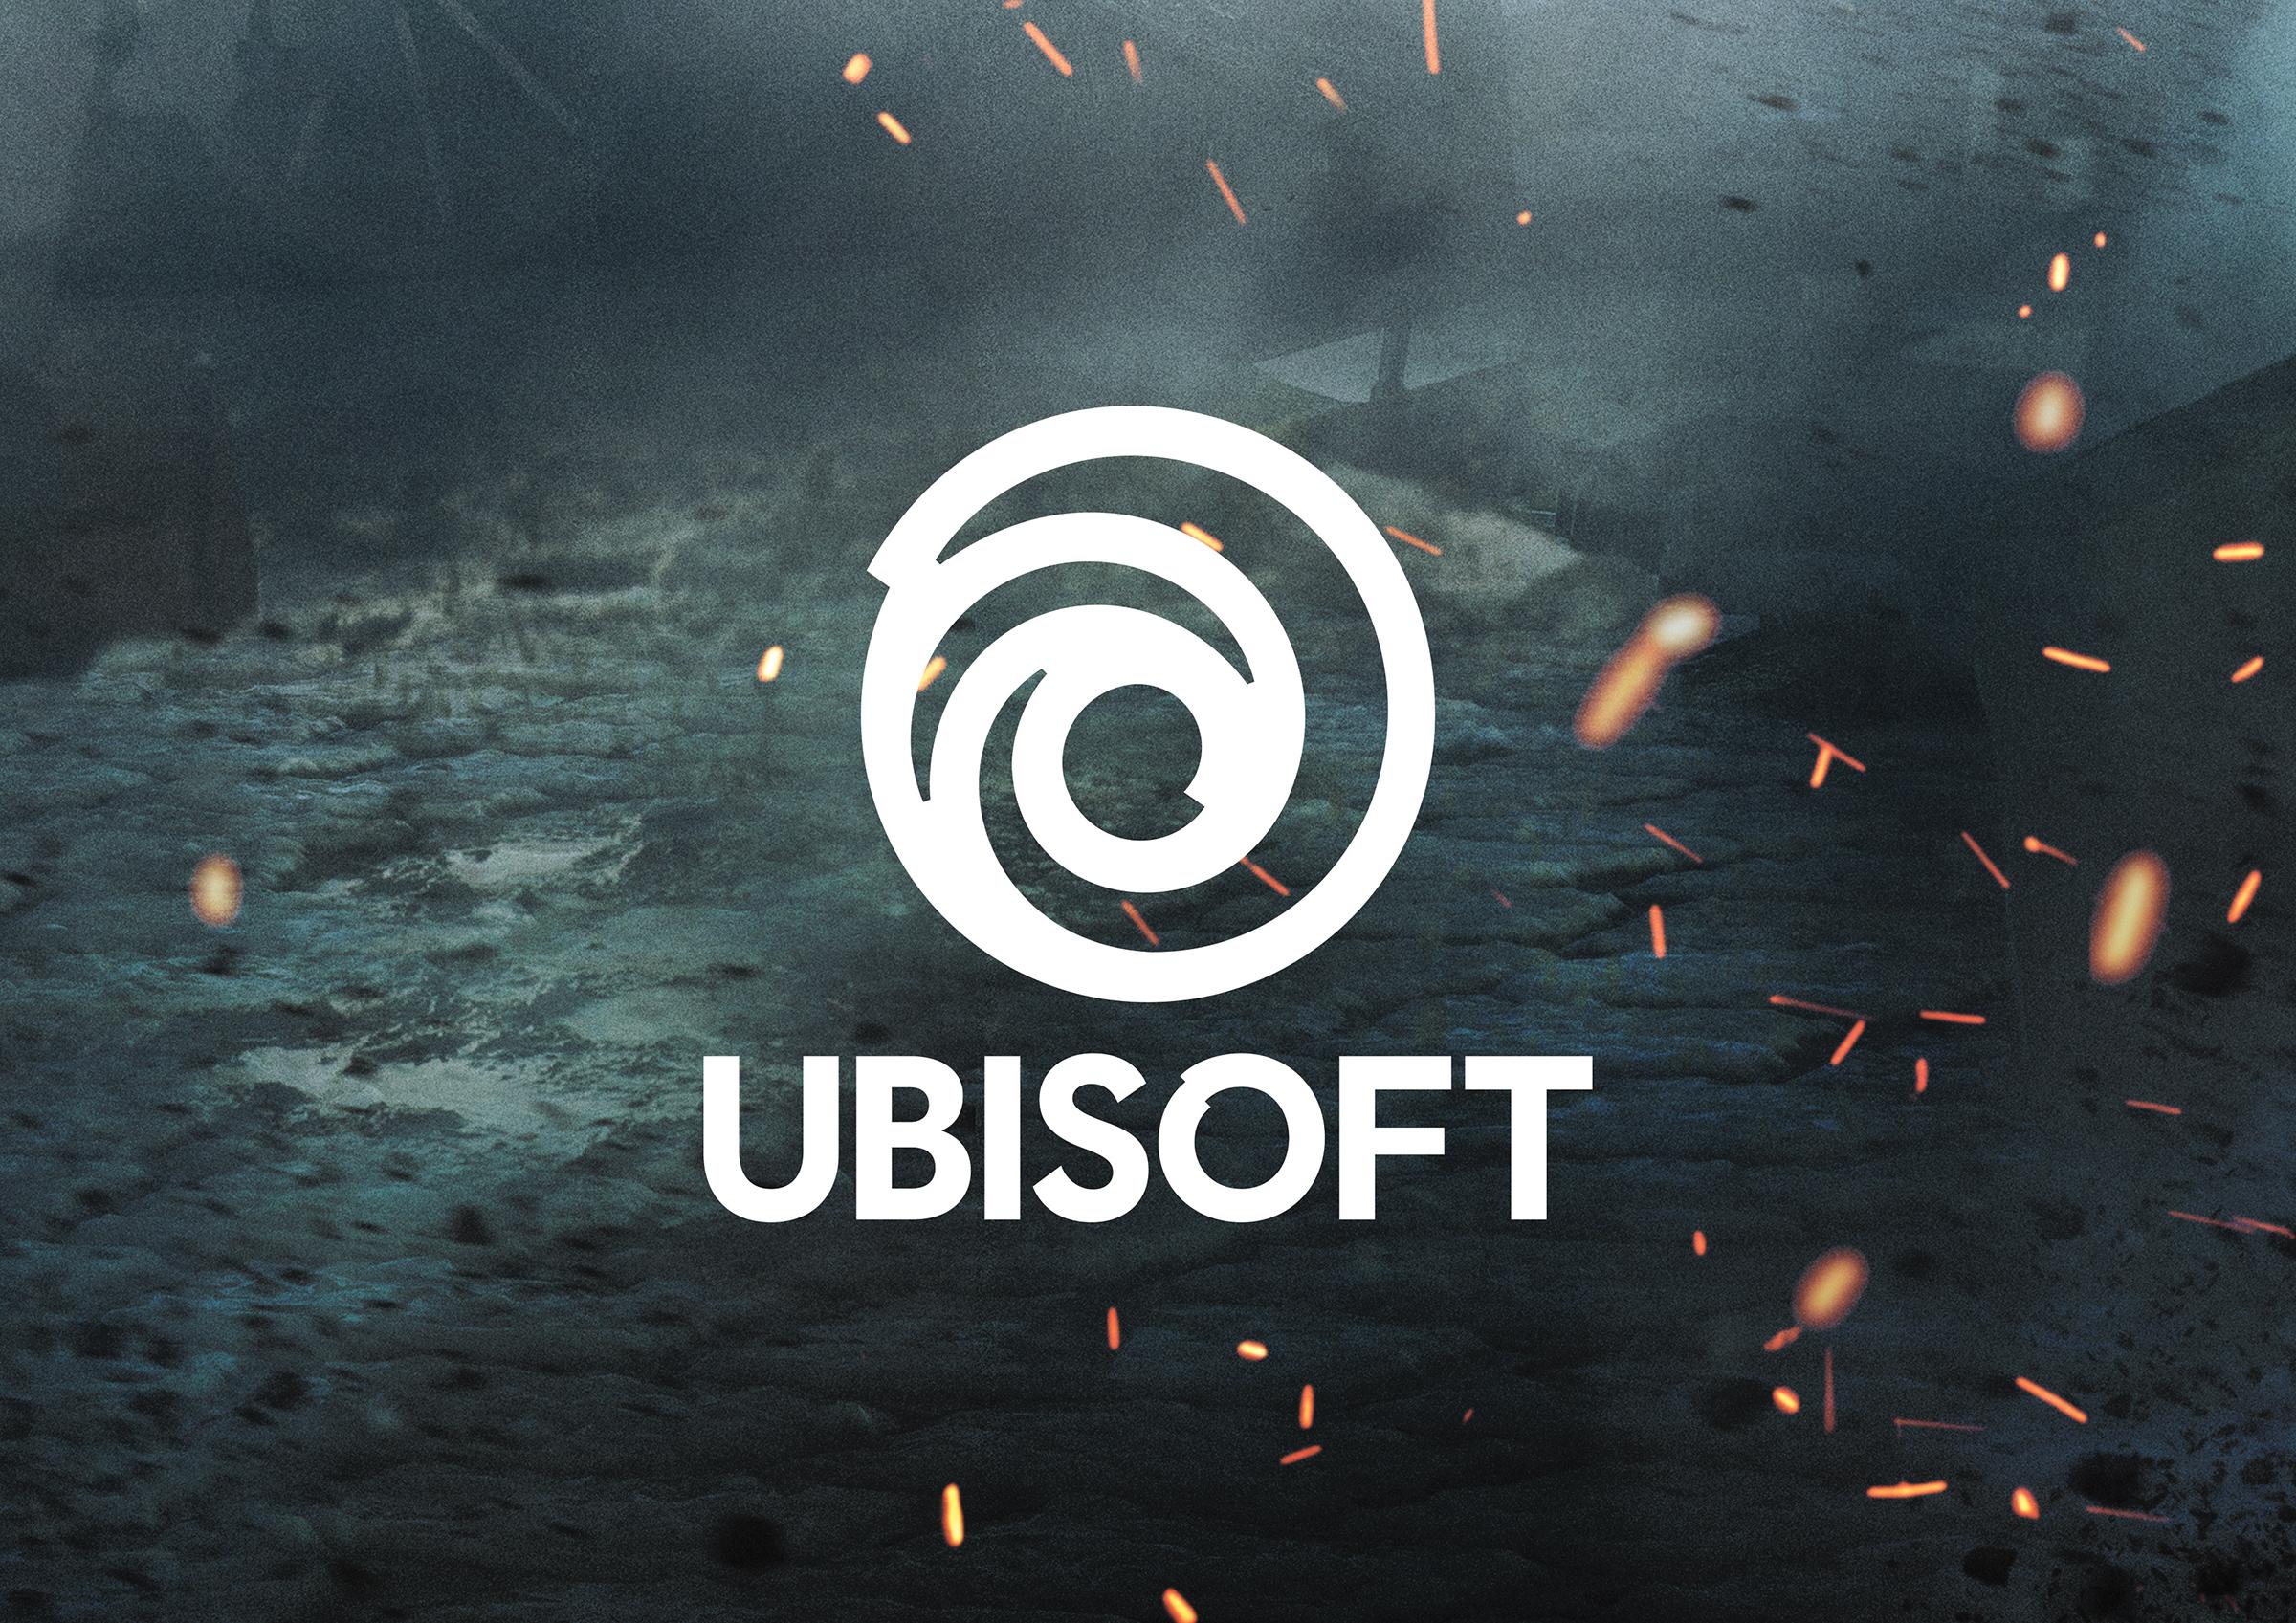 Ubisoft new 2017 logo